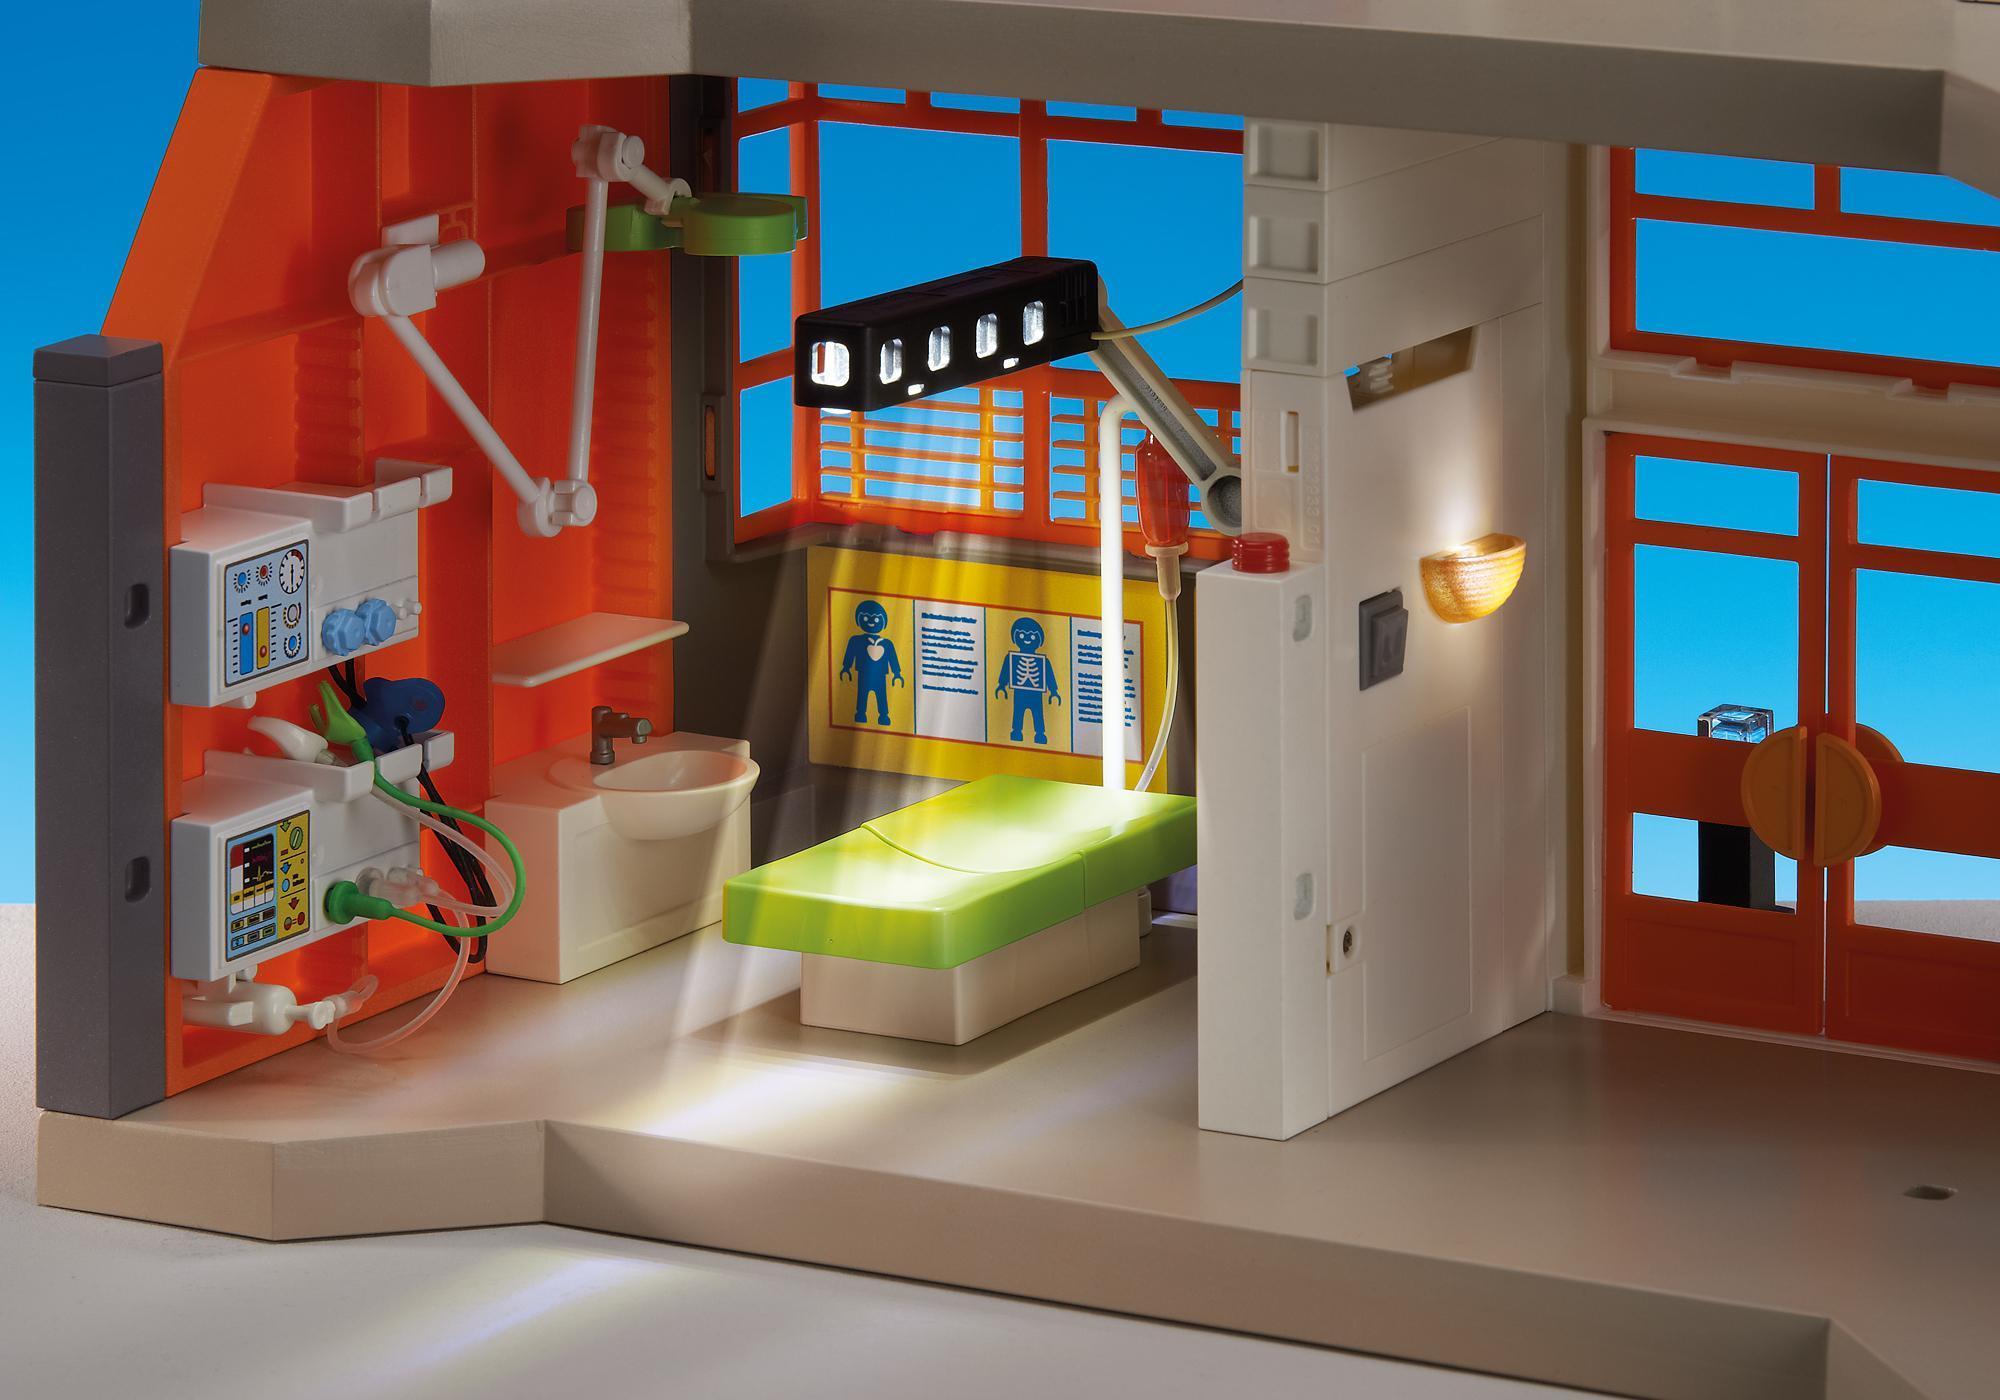 http://media.playmobil.com/i/playmobil/6446_product_extra1/Belysningsset till barnsjukhuset